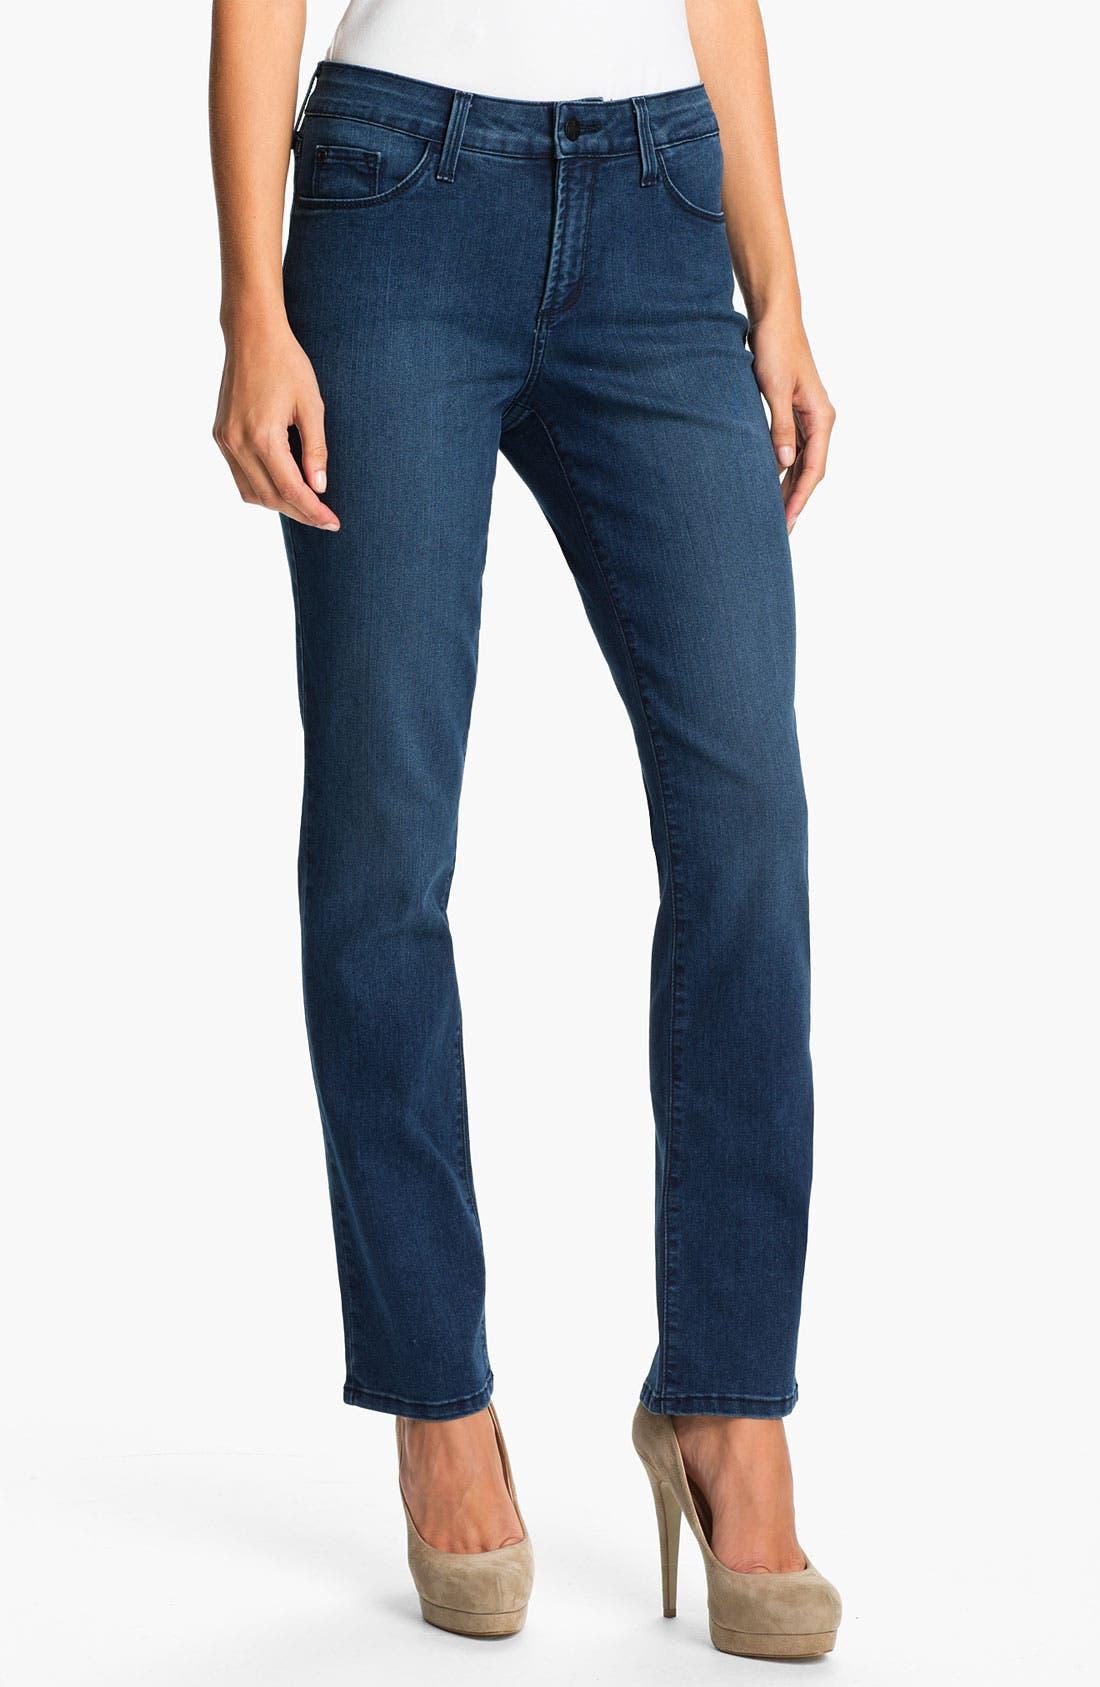 Alternate Image 1 Selected - NYDJ 'Sheri' Skinny Jeans